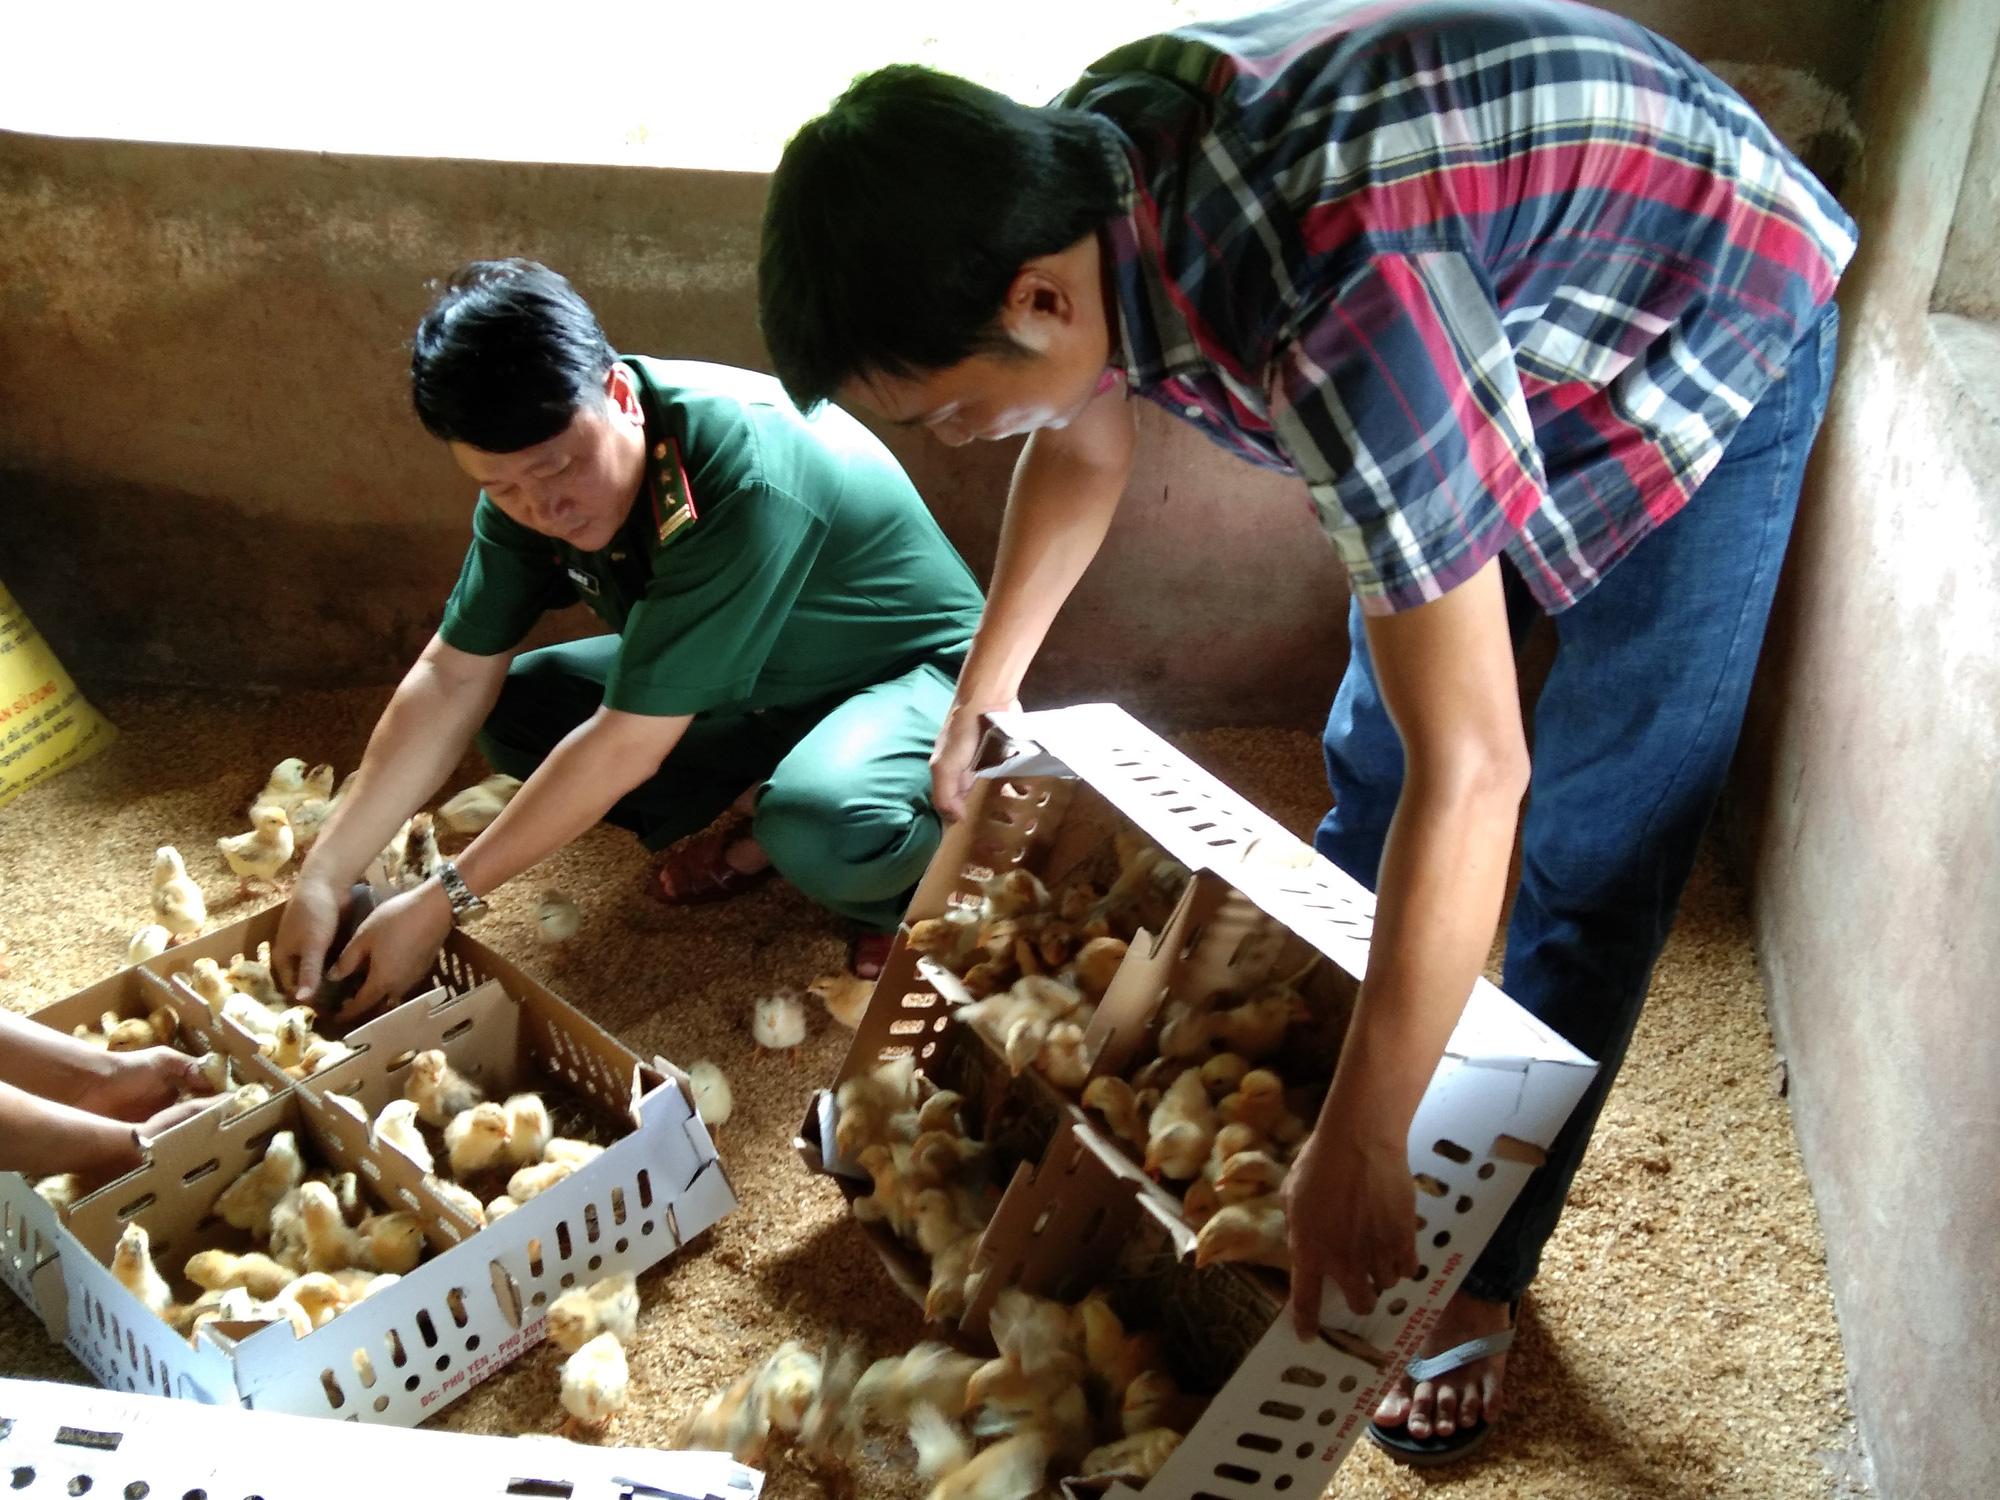 8X Quảng Trị tiết kiệm tiền, mua gà giống tặng người nghèo miền núi - Ảnh 2.